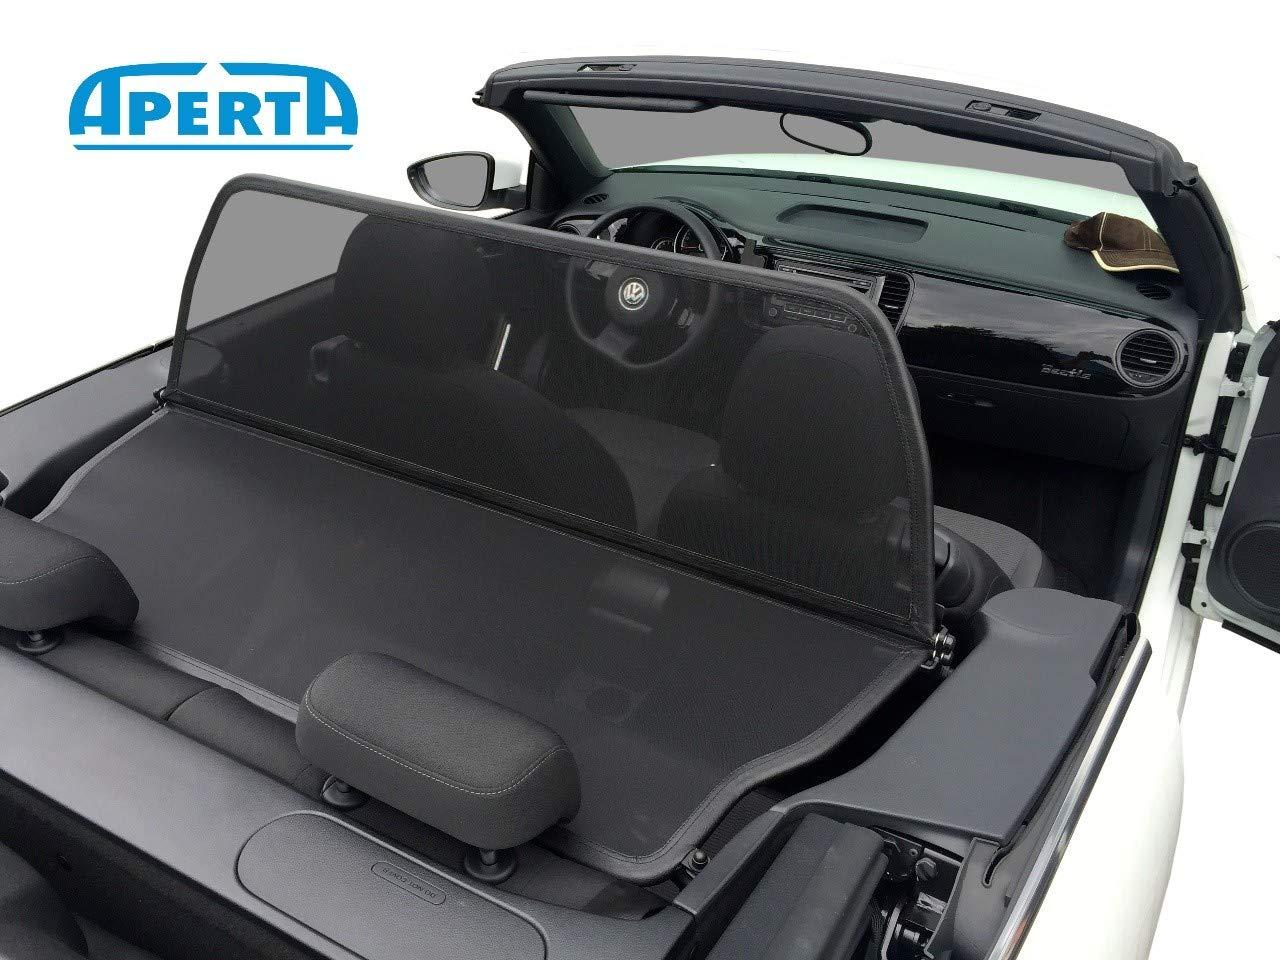 Aperta Black Wind Deflector Compatible with Volkswagen Beetle,K/äfer 5C7 Tailor Made Windblocker Draft-Stop Windstopper Volkswagen Convertible